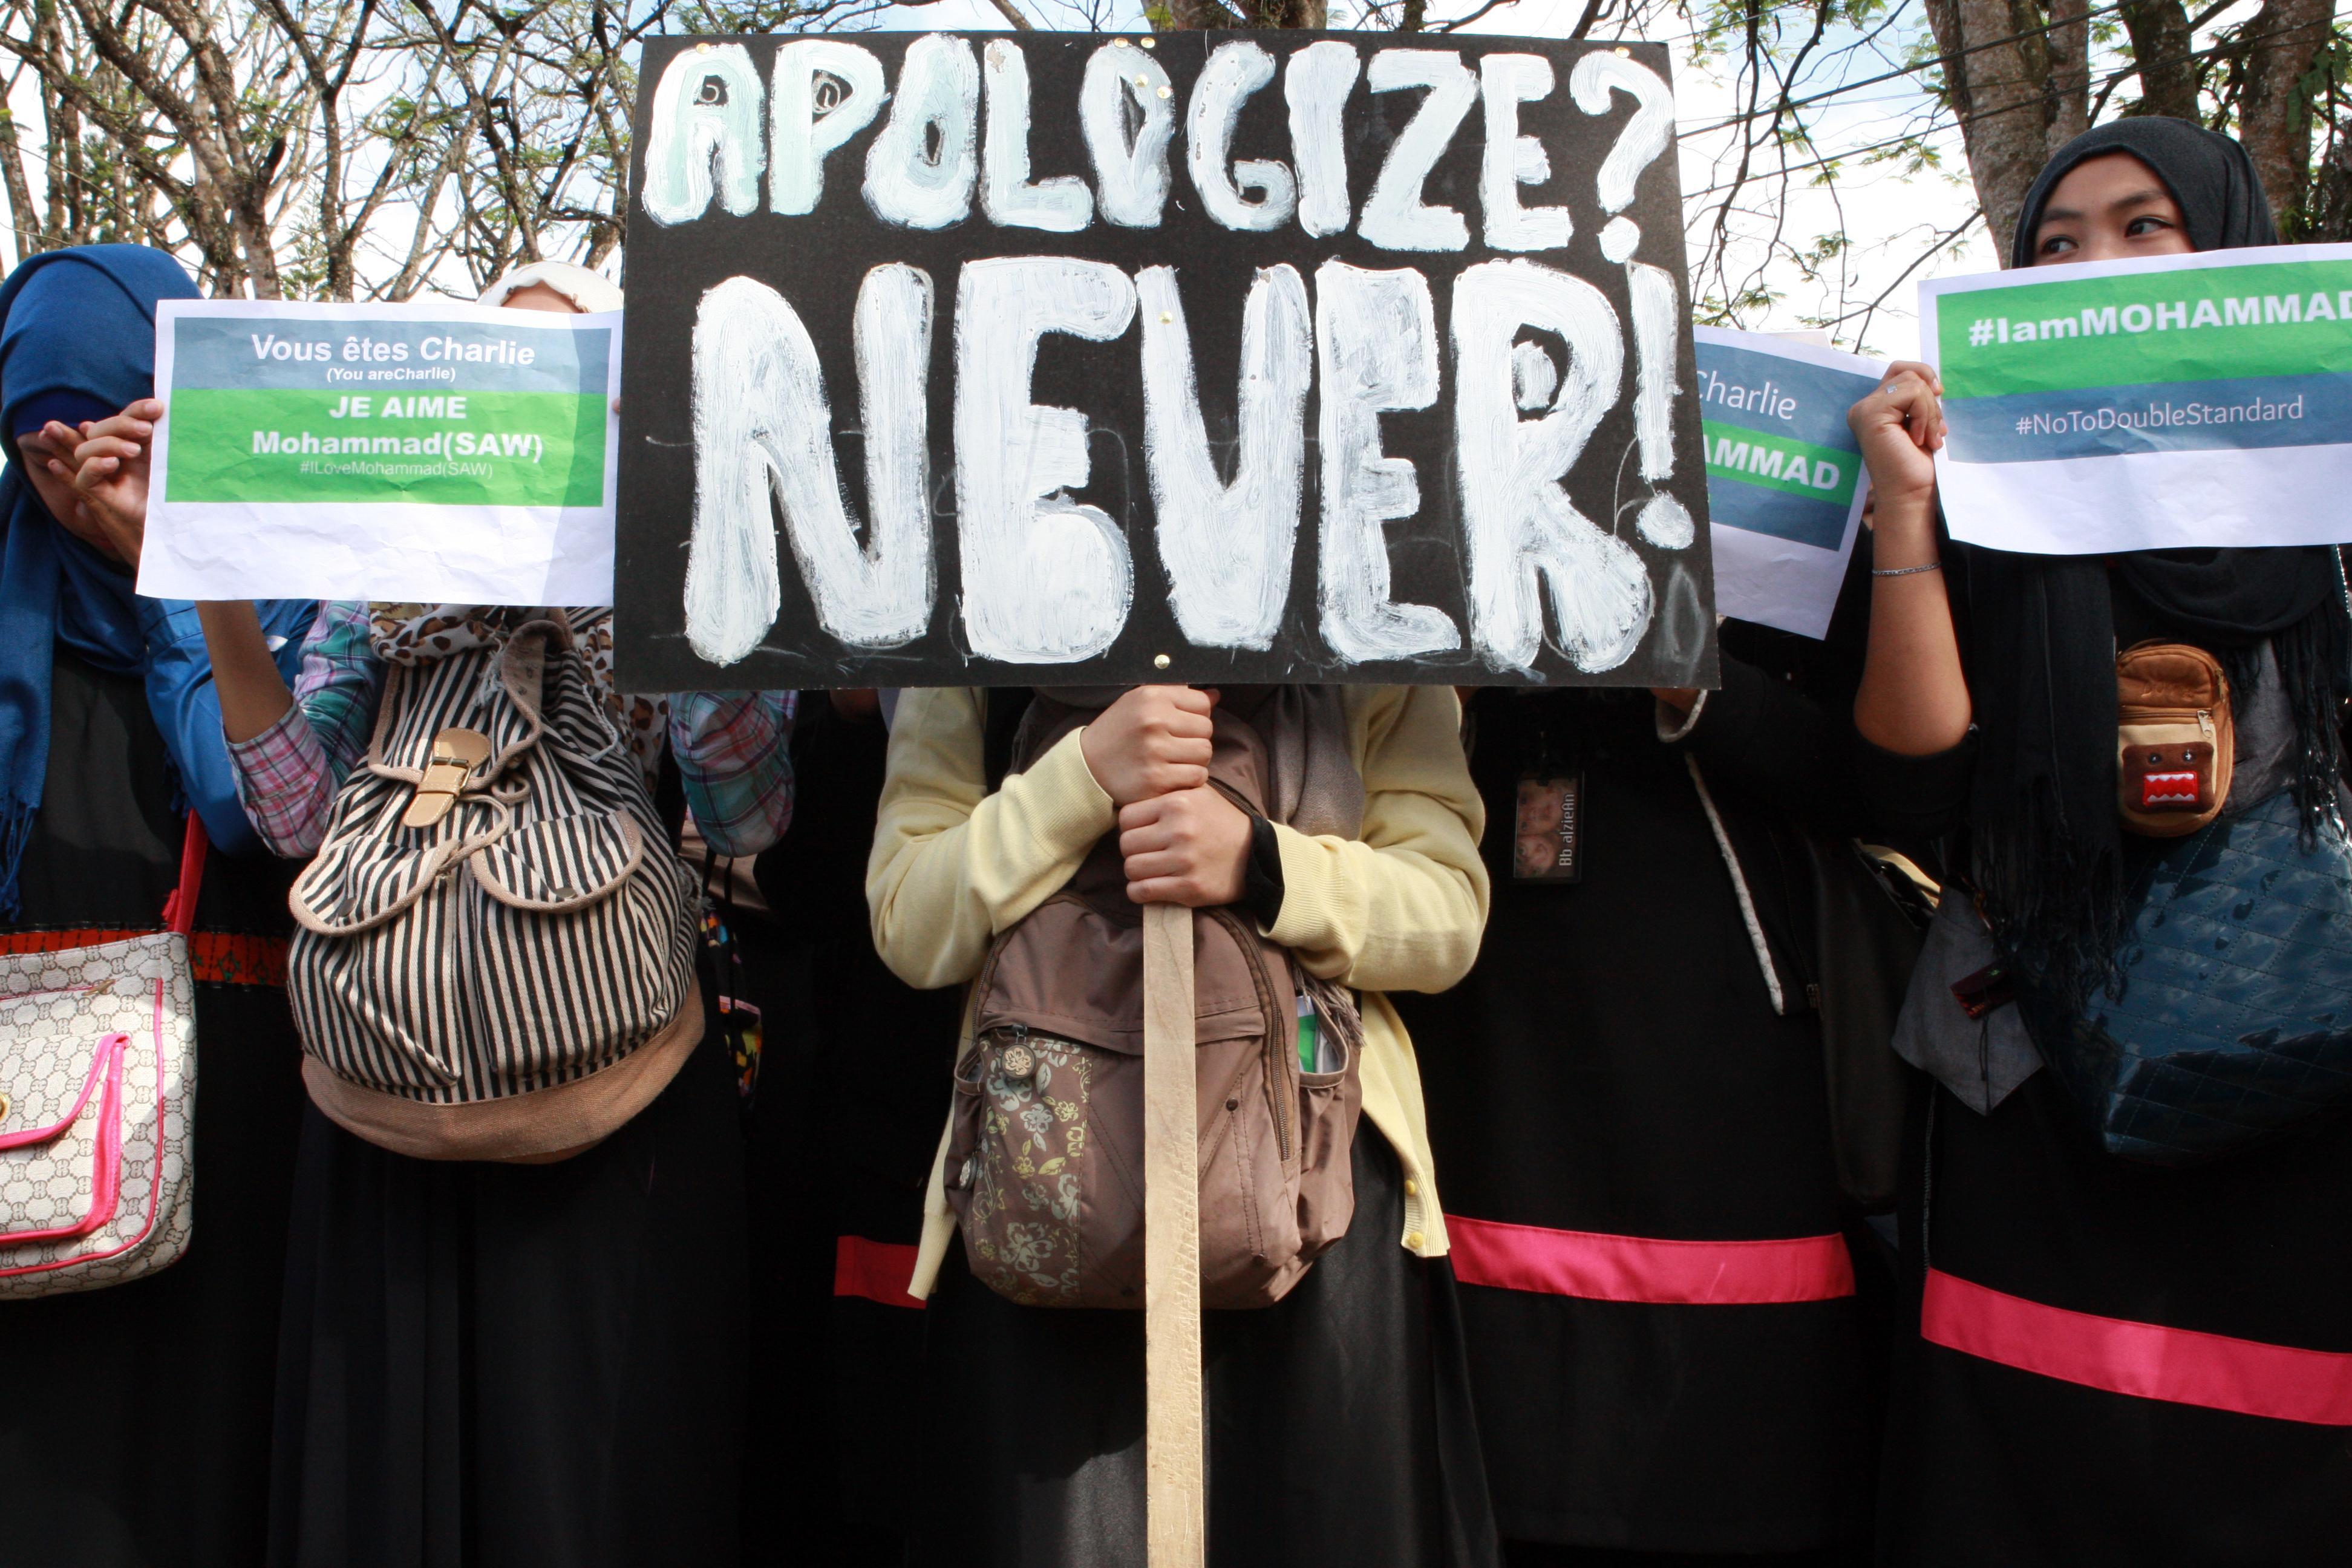 Tensiuni si proteste in lumea musulmana dupa aparitia ultimului numar al revistei Charlie Hebdo: